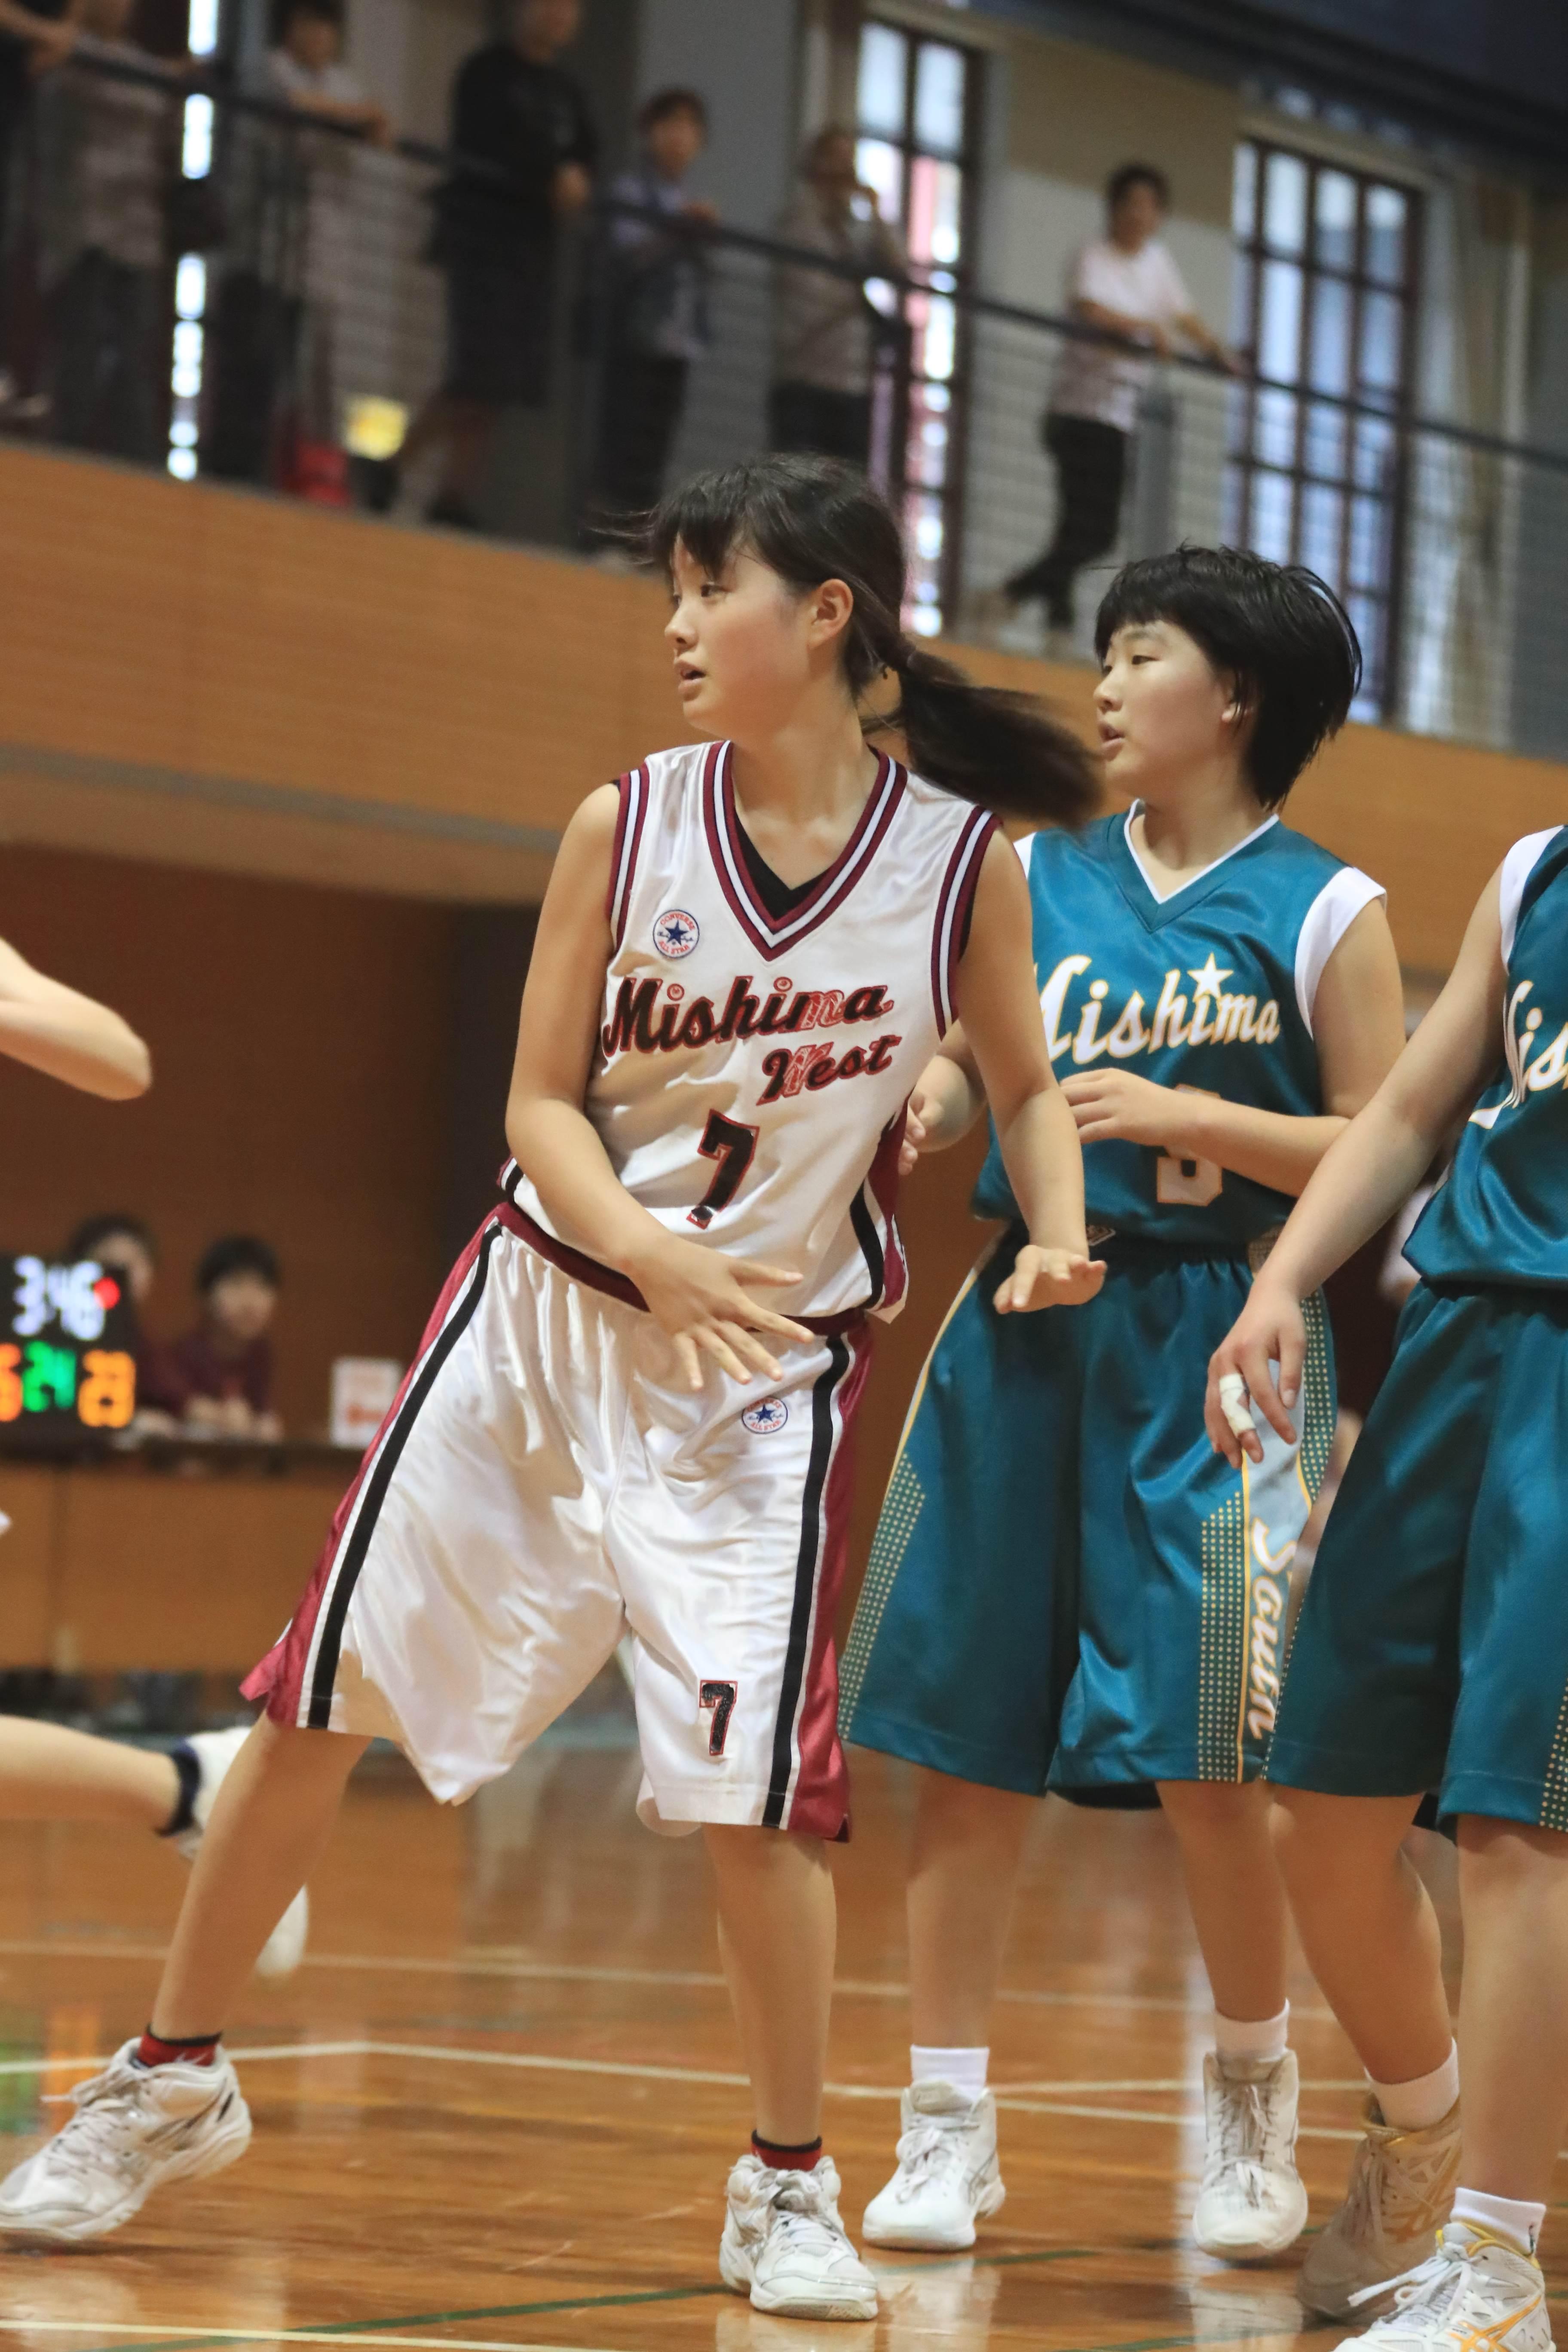 バスケットボール (73)